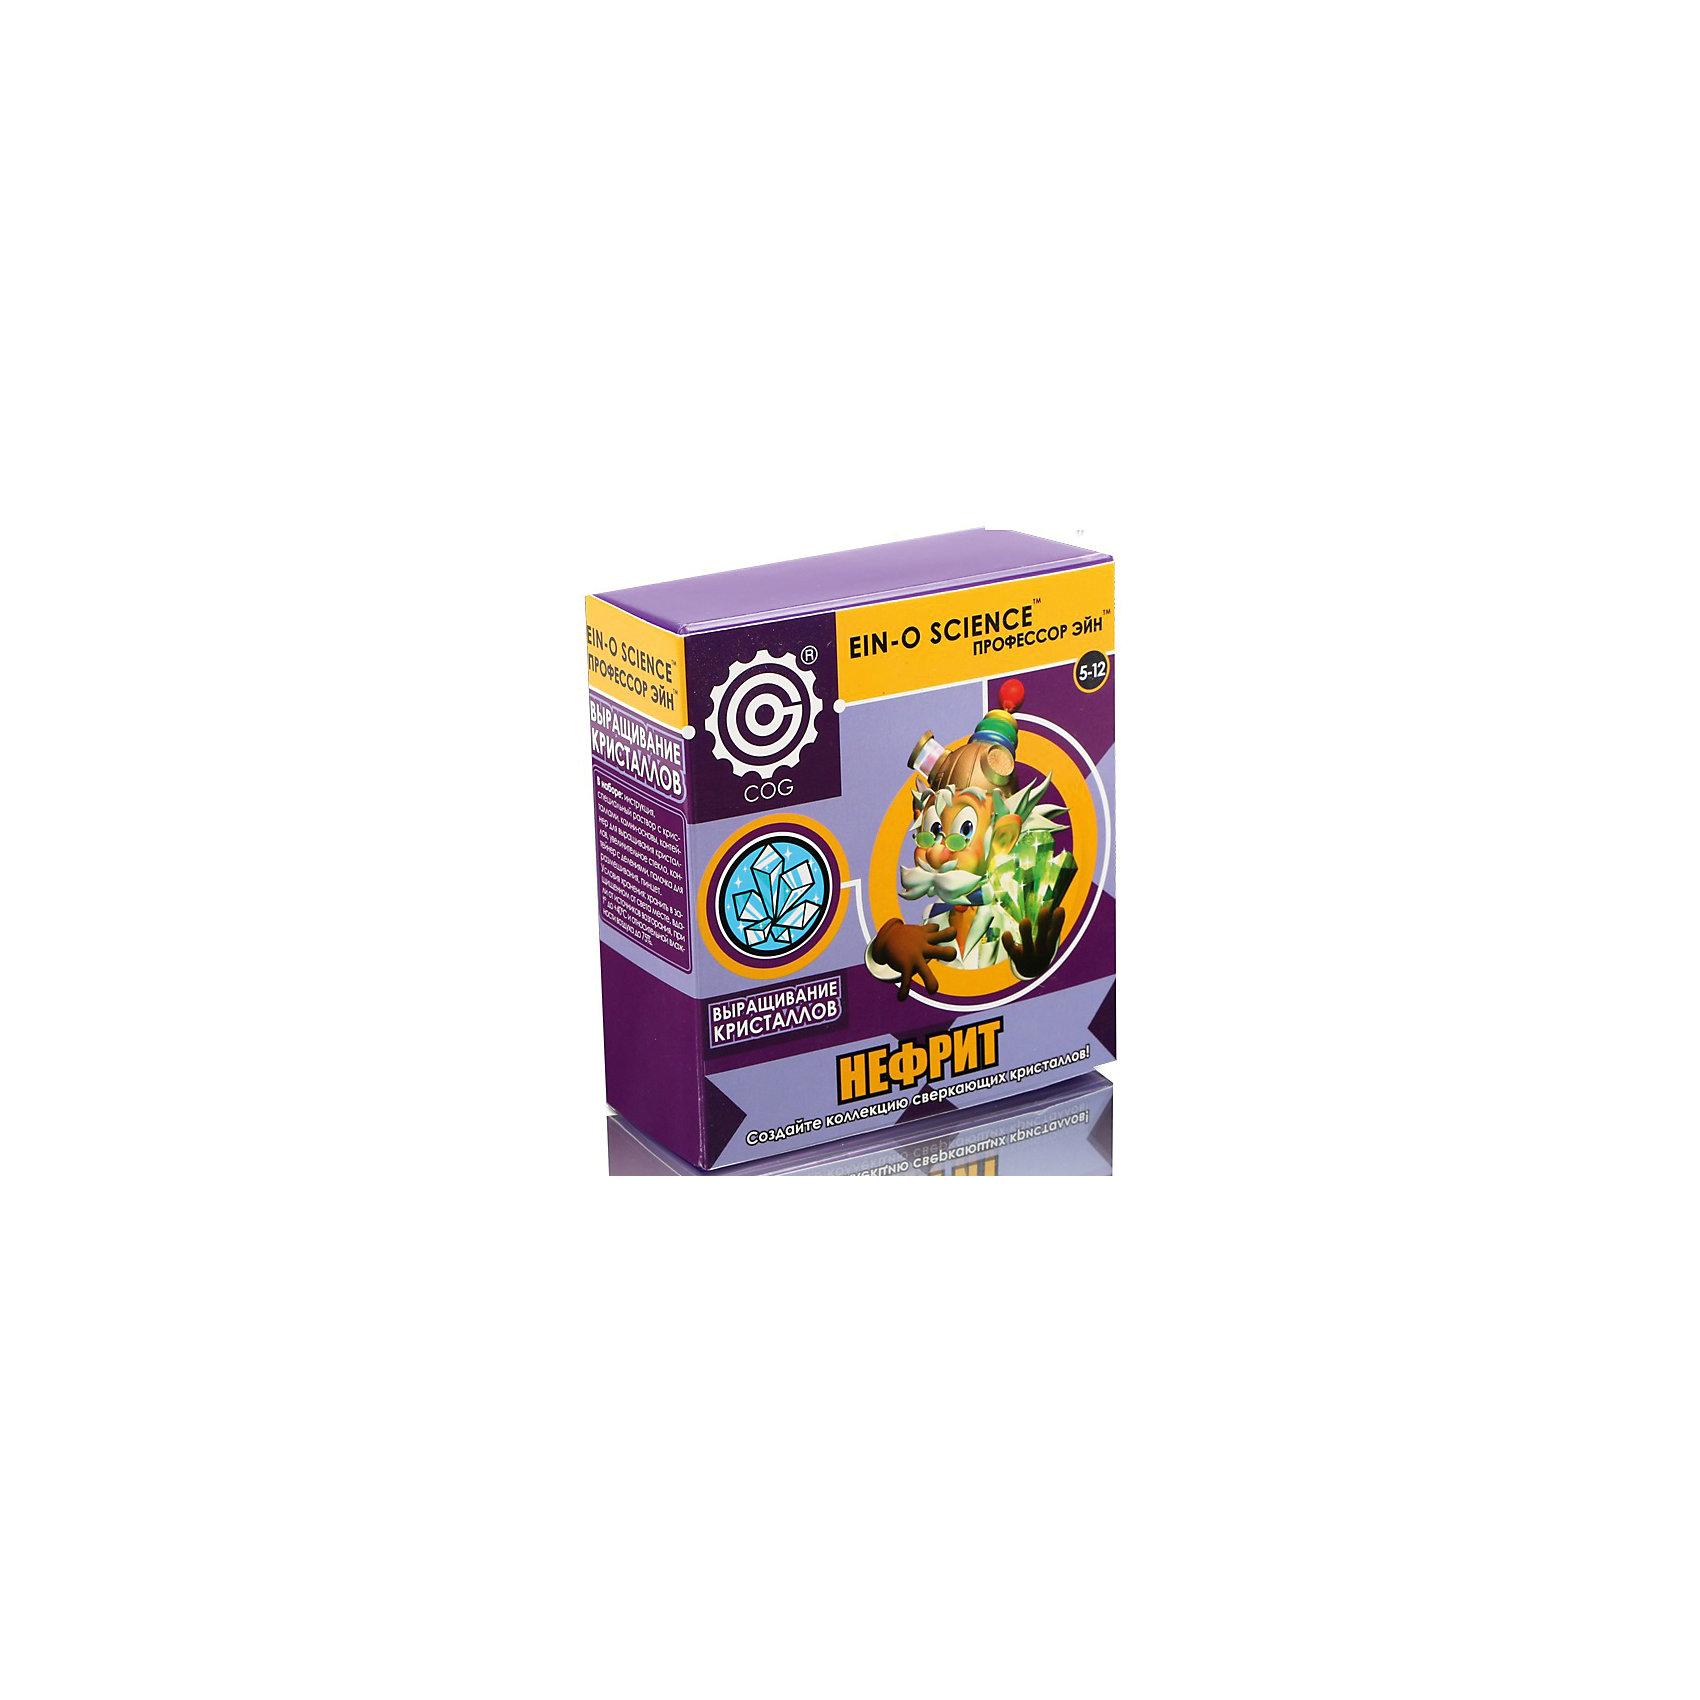 Нефрит, Профессор ЭйнХарактеристики товара:<br><br>• цвет: разноцветный<br>• размер упаковки: 5 x 11 x 12 см<br>• вес: 200 г<br>• комплектация: мерный контейнер, контейнер для выращивания кристаллов, лупа, пинцет, основная порода - маленькие камни, палочка для смешивания, порошок для выращивания кристаллов<br>• возраст: от десяти лет<br>• упаковка: коробка<br>• страна бренда: Китай<br>• страна изготовитель: Китай<br><br>Такой набор станет отличным подарком ребенку - ведь с помощью него можно проводить интересные опыты! В набор входят различные предметы и вещества, с помощью которых можно вырастить кристалл. Это отличный способ изучать химию!<br>Проведение опытов помогает детям развивать важные навыки и способности, оно активизирует мышление, формирует усидчивость, логику, мелкую моторику и воображение. Изделие производится из качественных и проверенных материалов, которые безопасны для детей.<br><br>Набор Нефрит от бренда Профессор Эйн можно купить в нашем интернет-магазине.<br><br>Ширина мм: 50<br>Глубина мм: 114<br>Высота мм: 127<br>Вес г: 210<br>Возраст от месяцев: 72<br>Возраст до месяцев: 120<br>Пол: Унисекс<br>Возраст: Детский<br>SKU: 5168524